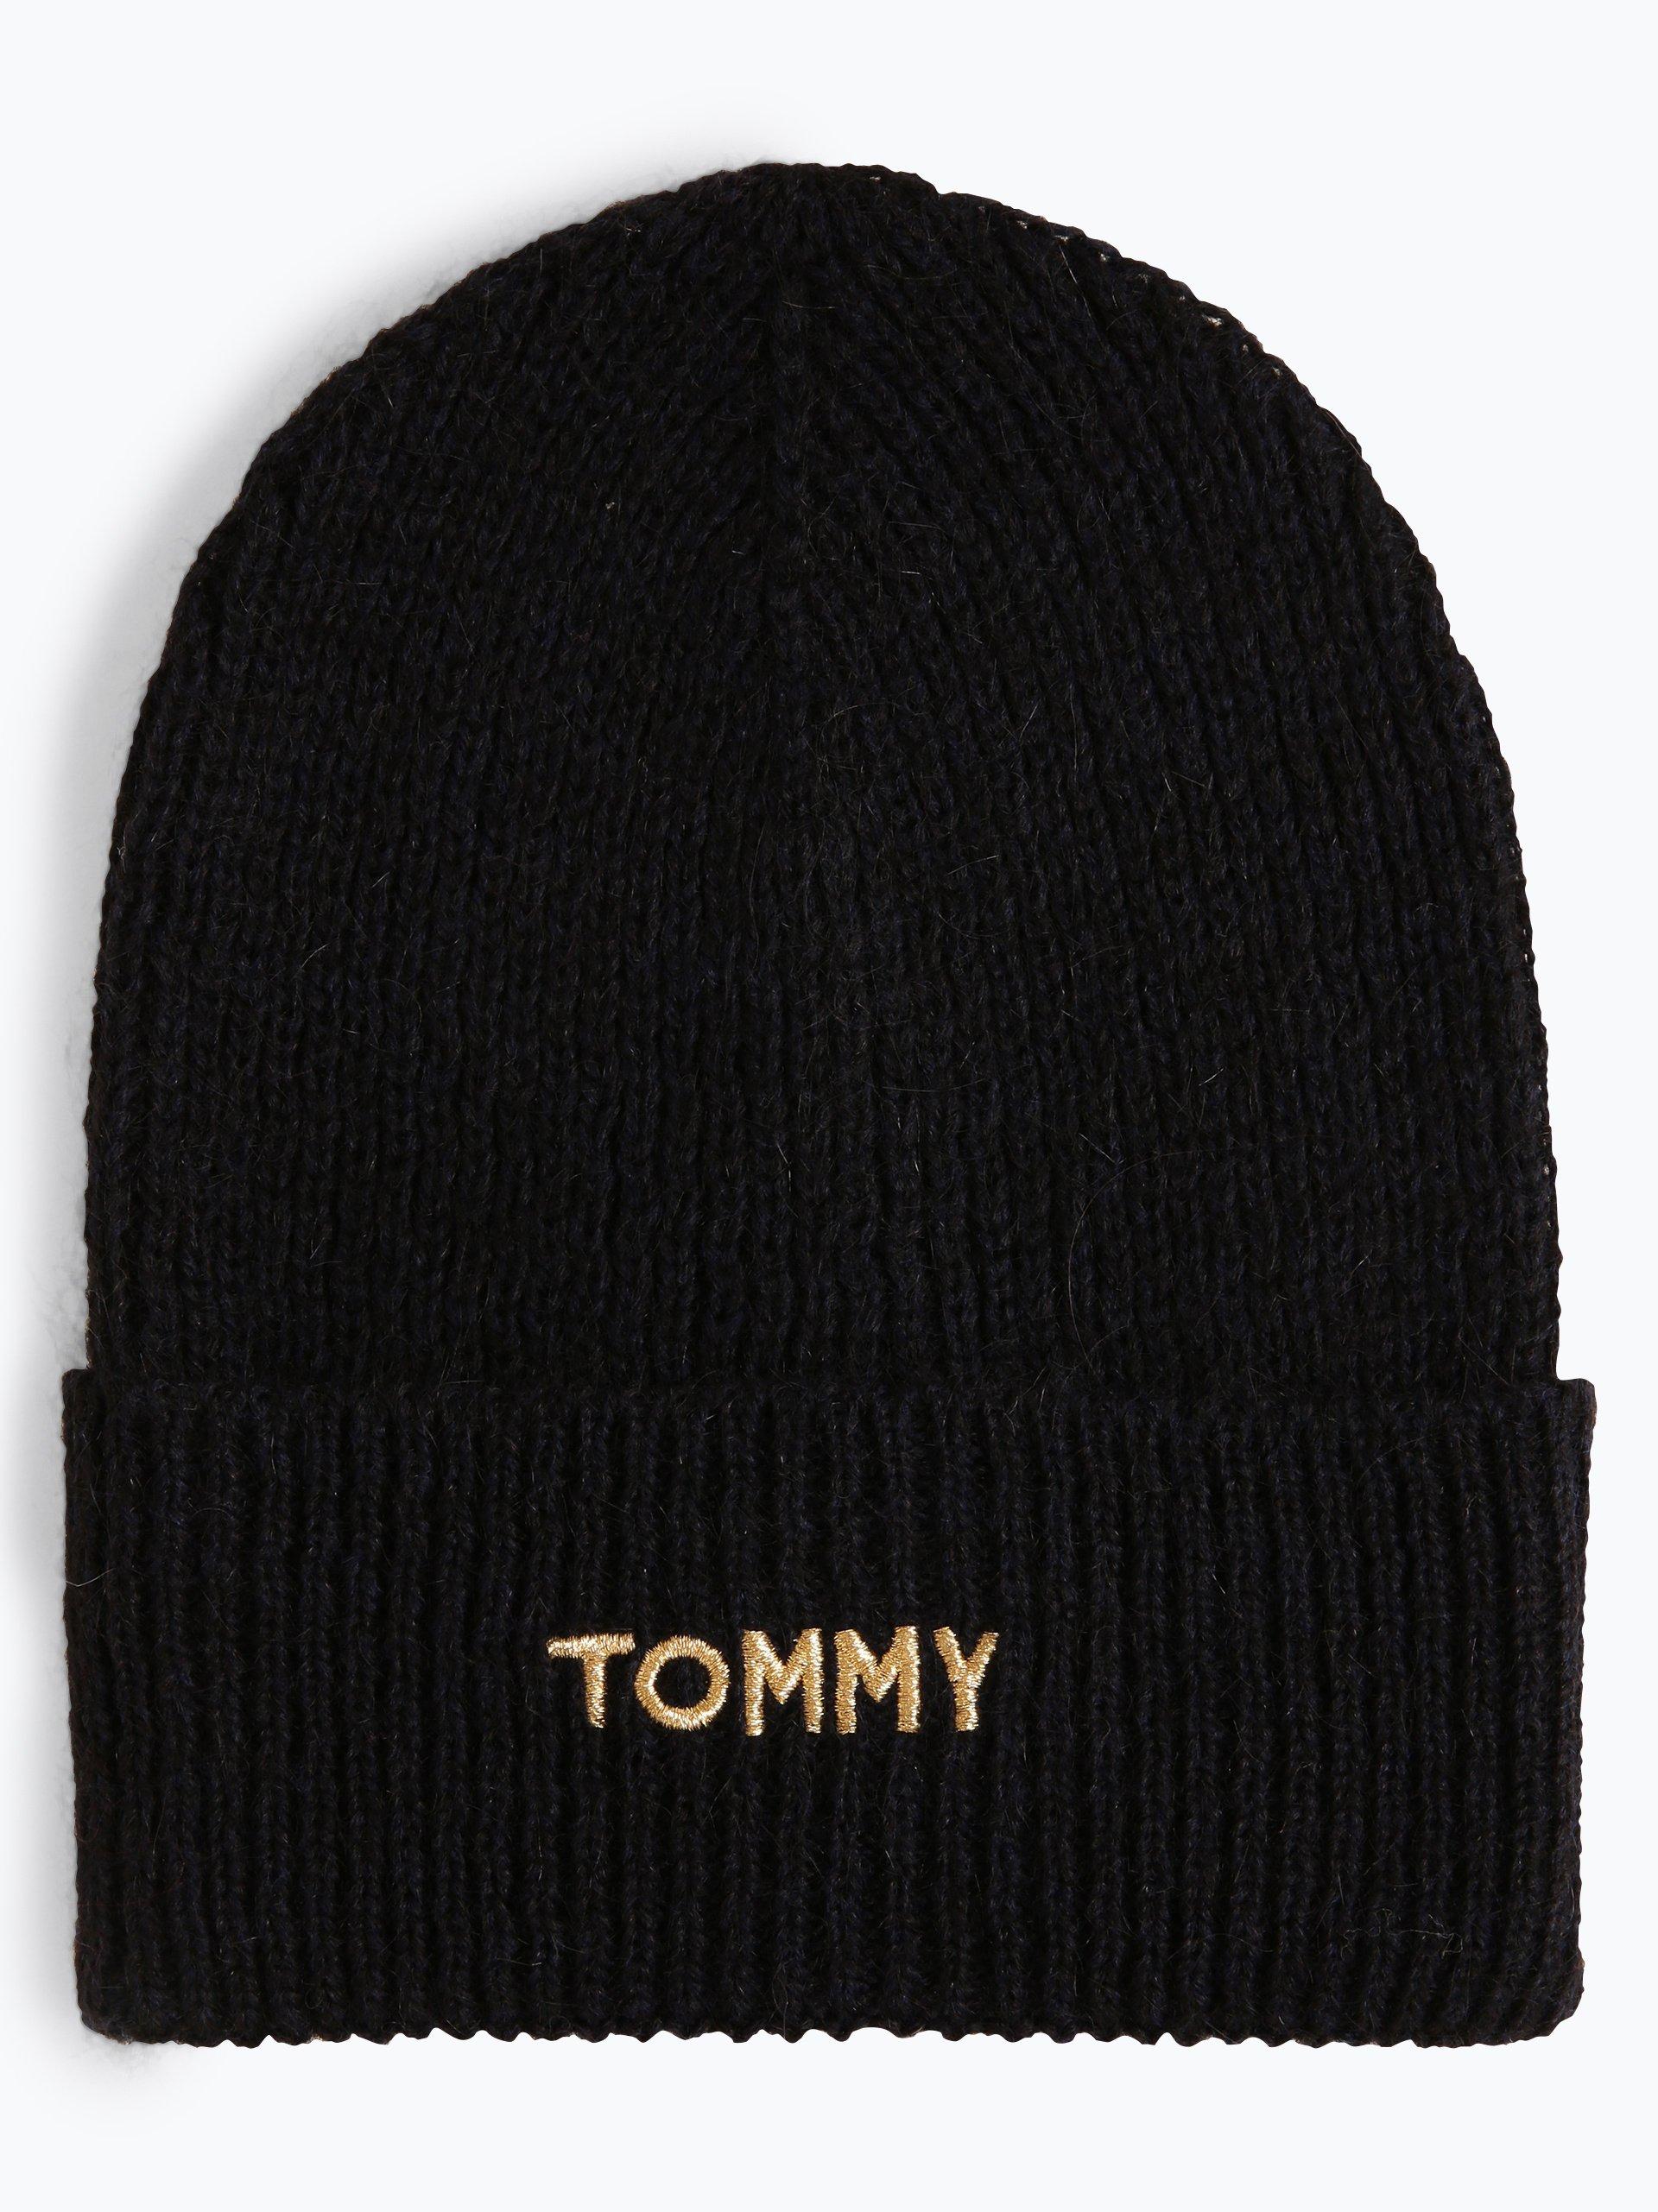 Tommy Hilfiger Damen Mütze mit Mohair-Anteil